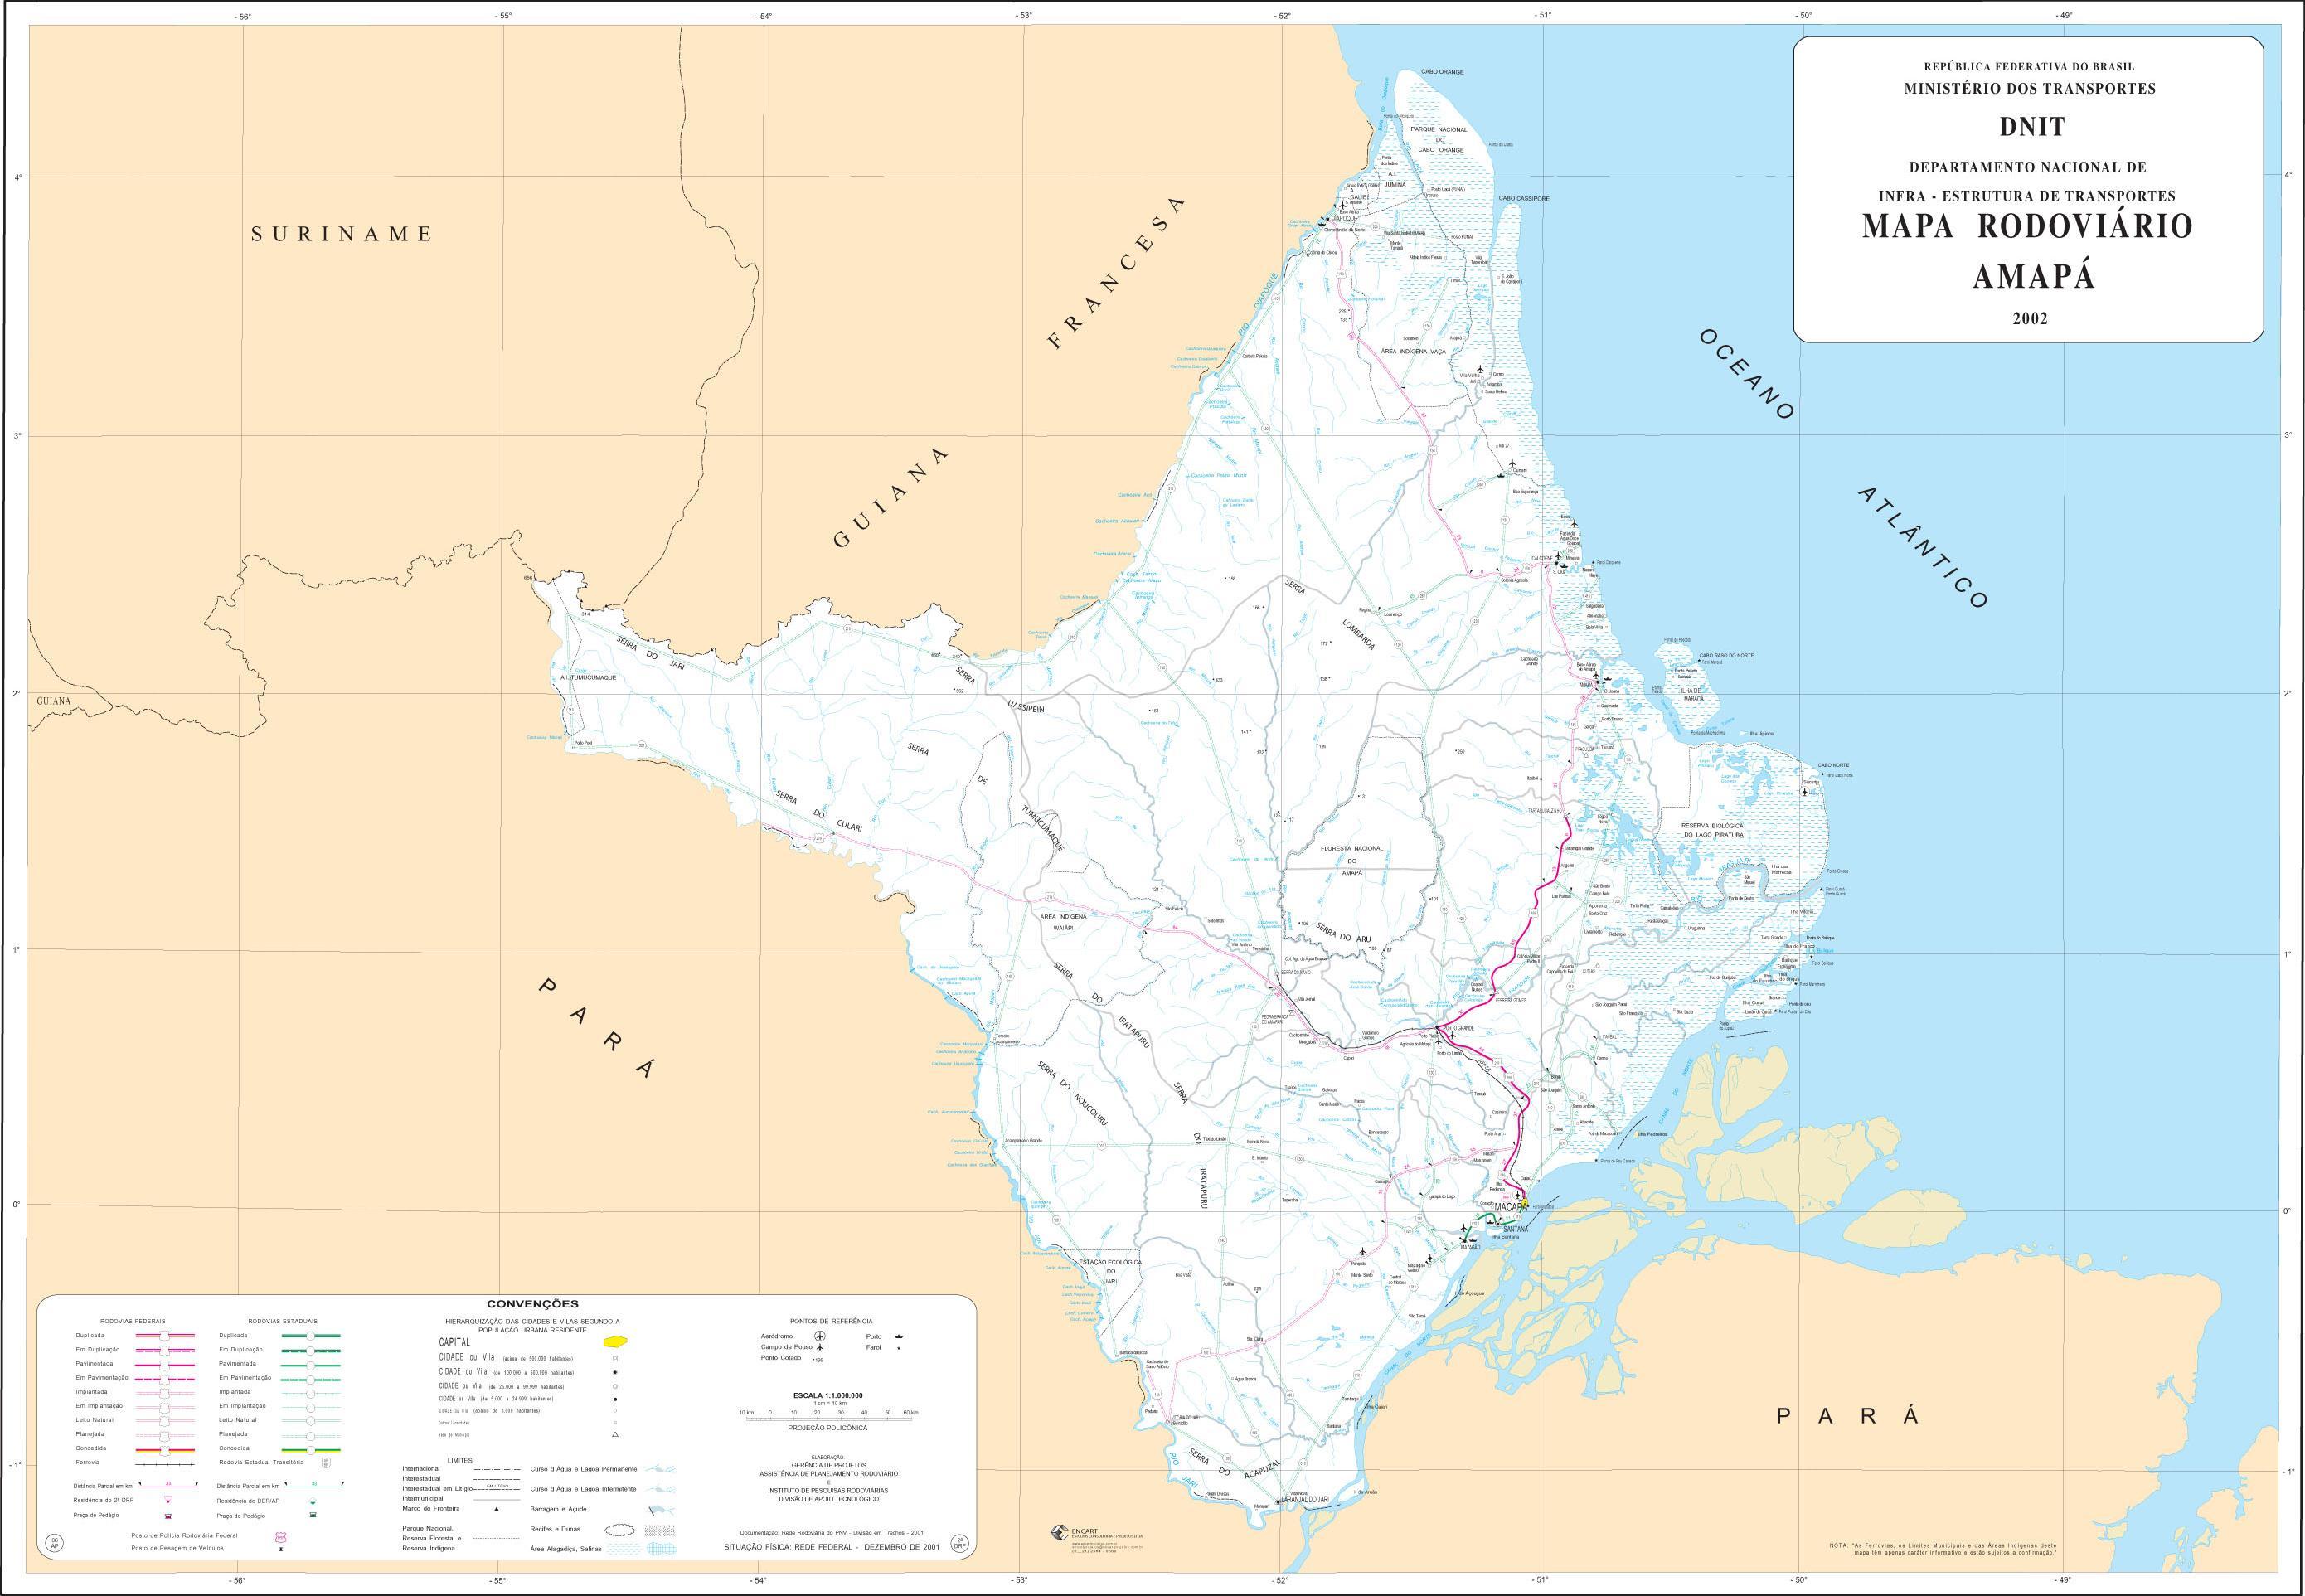 Amapá State Road Map, Brazil